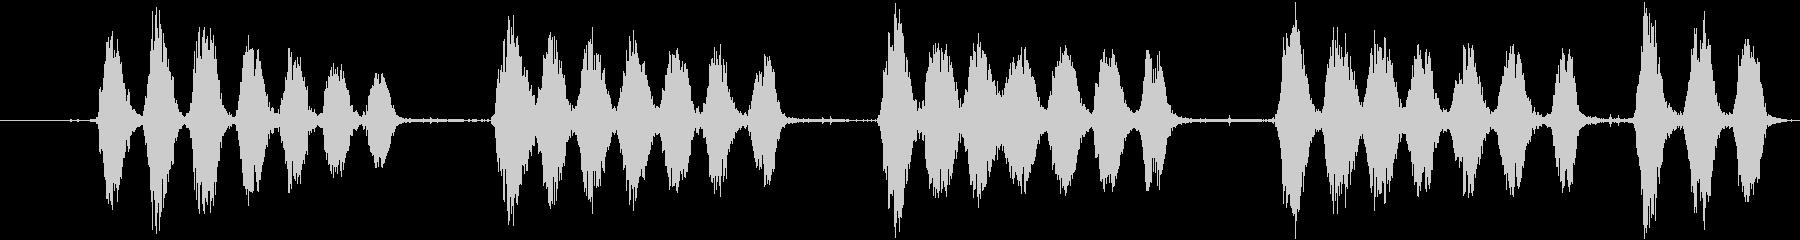 大型犬:視覚的なバーキング、犬の未再生の波形